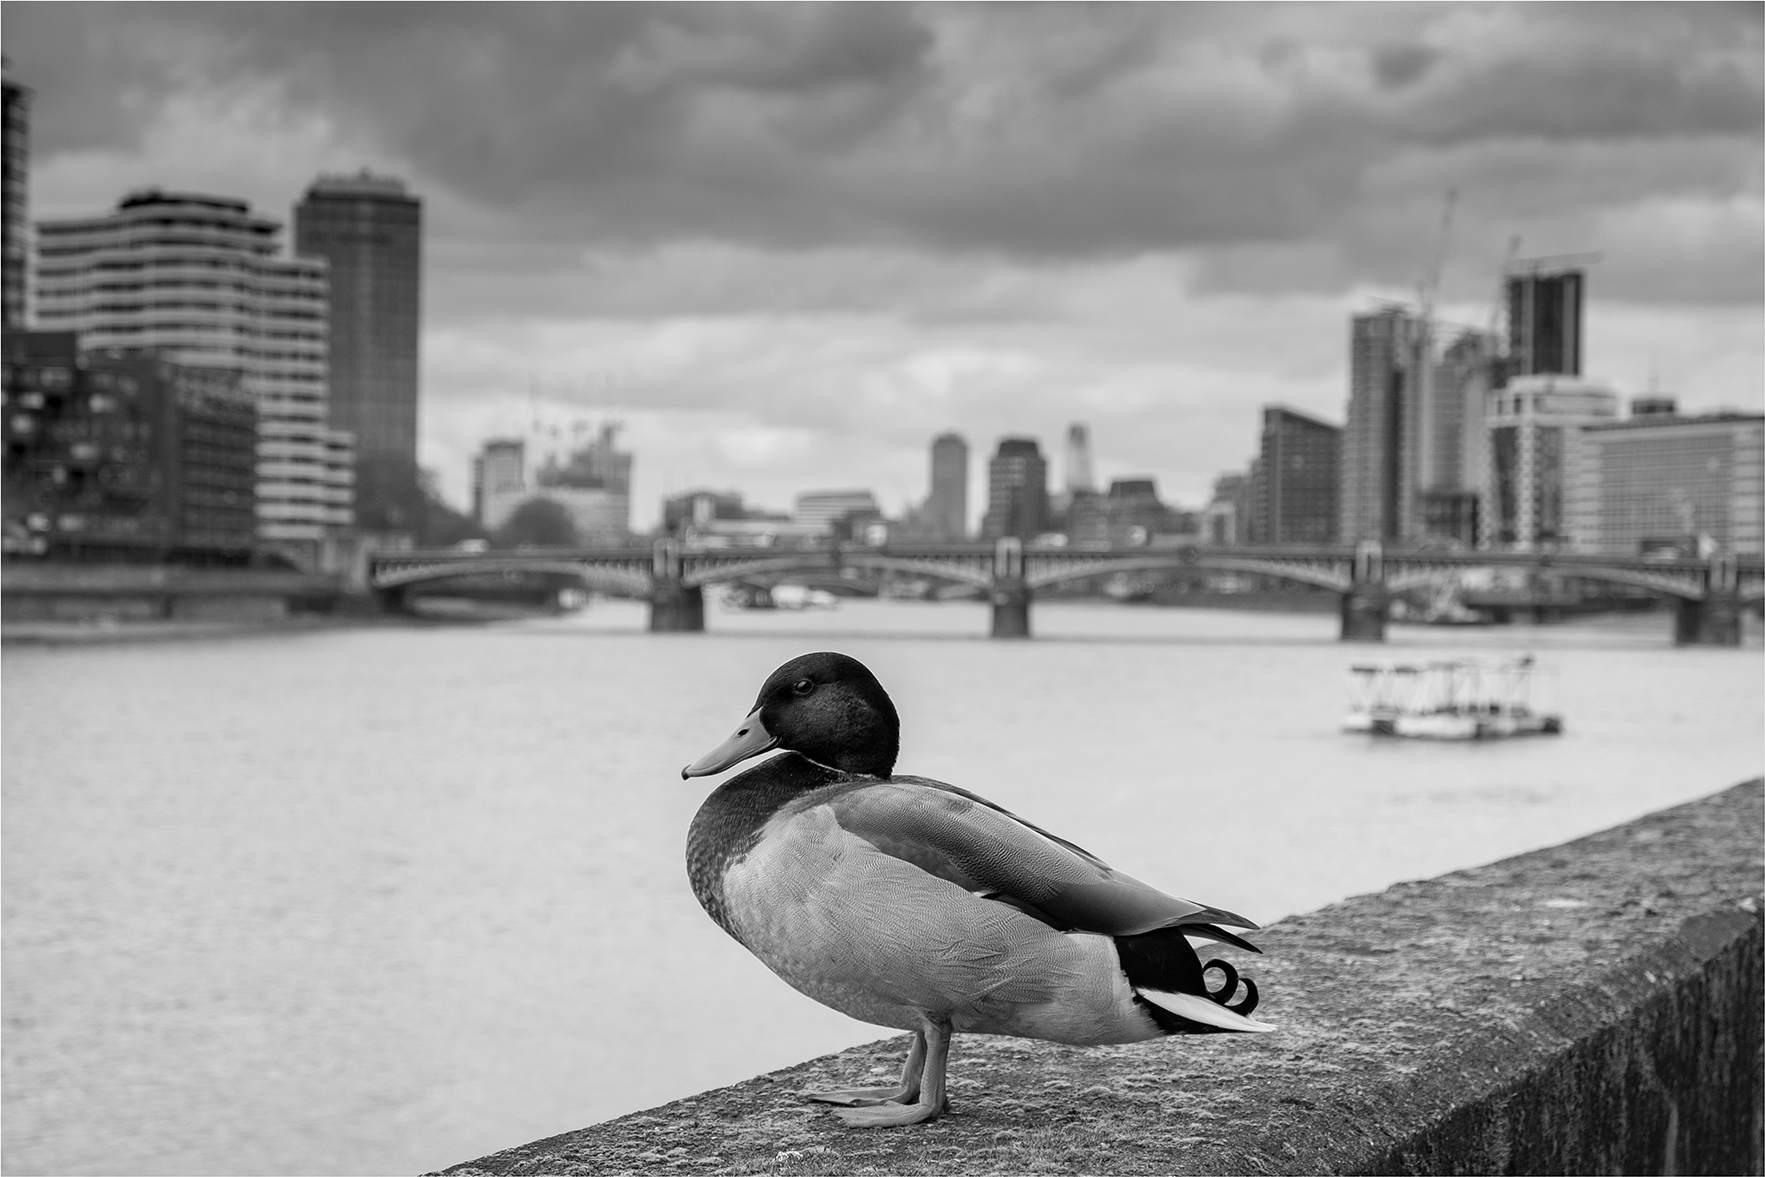 Ducklands